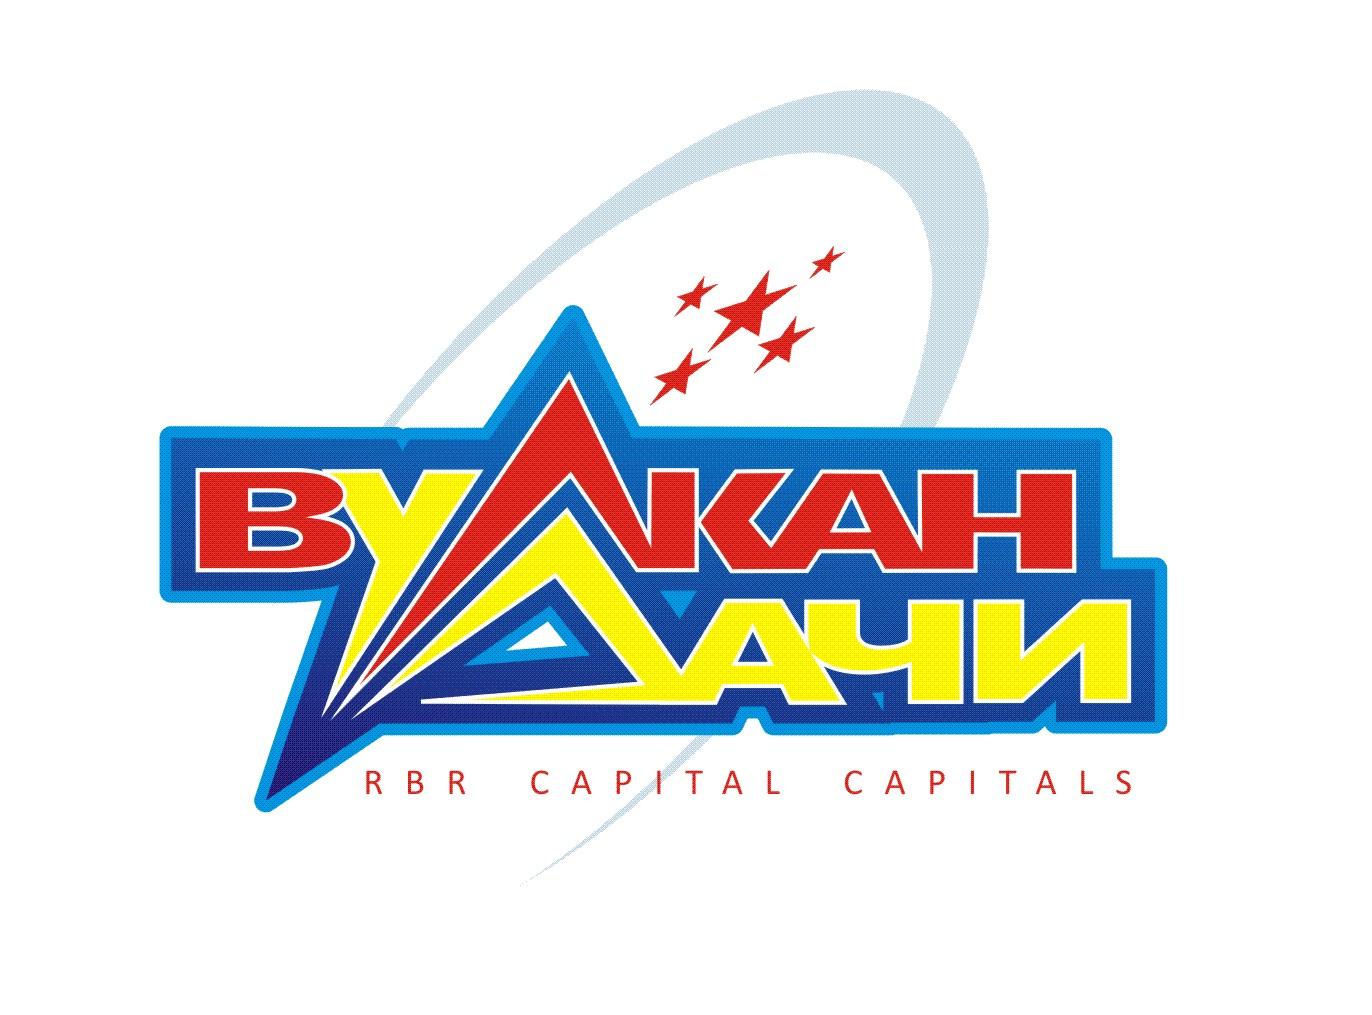 Разработка логотипа для брокерской компании ВУЛКАН УДАЧИ фото f_790519ce45148855.jpg